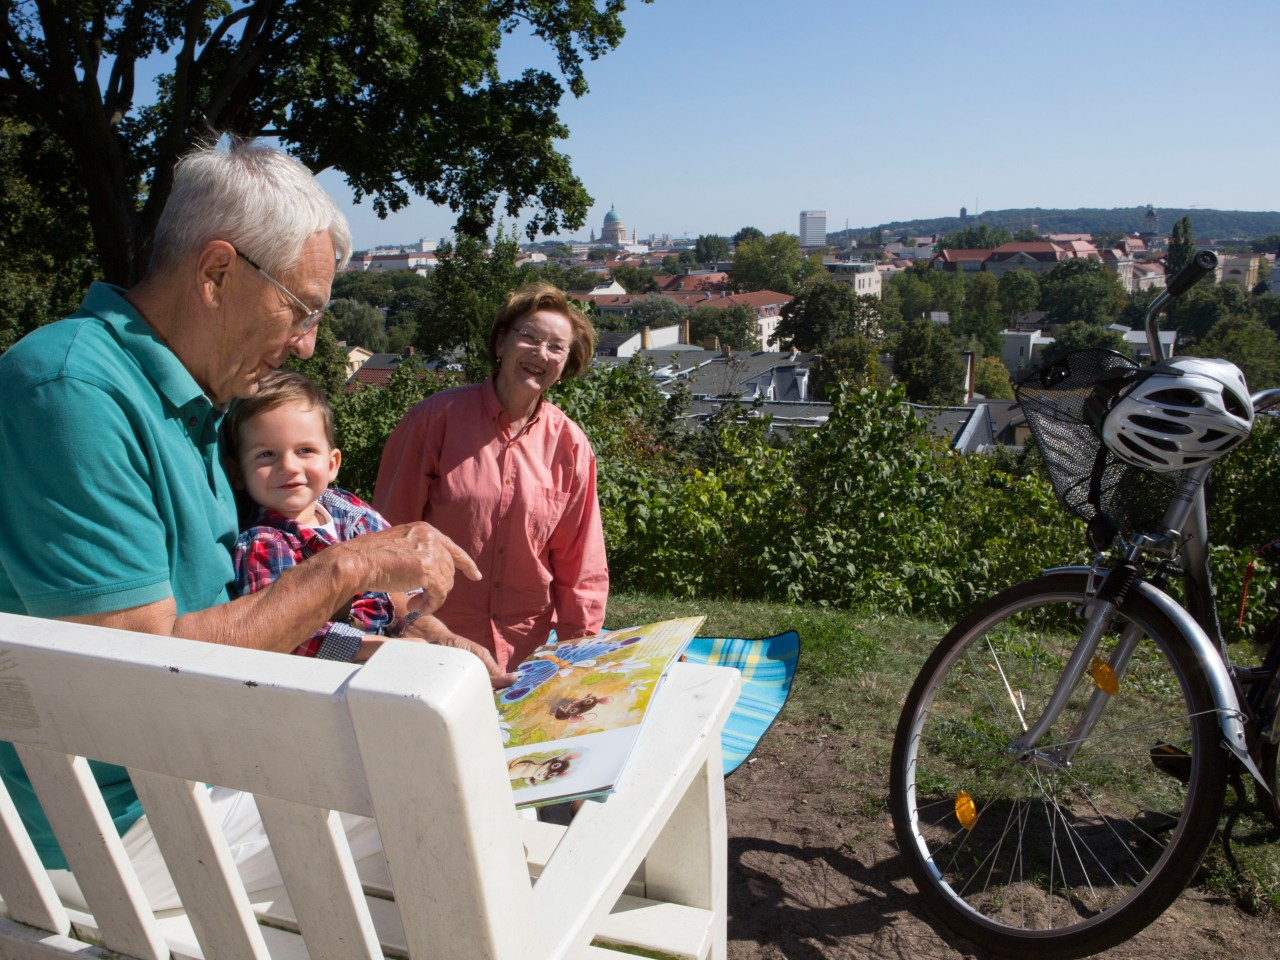 Großeltern mit dem Enkel sitzen auf einer weißen Bank mit dem Blick auf Potsdam, © Kathleen Friedrich